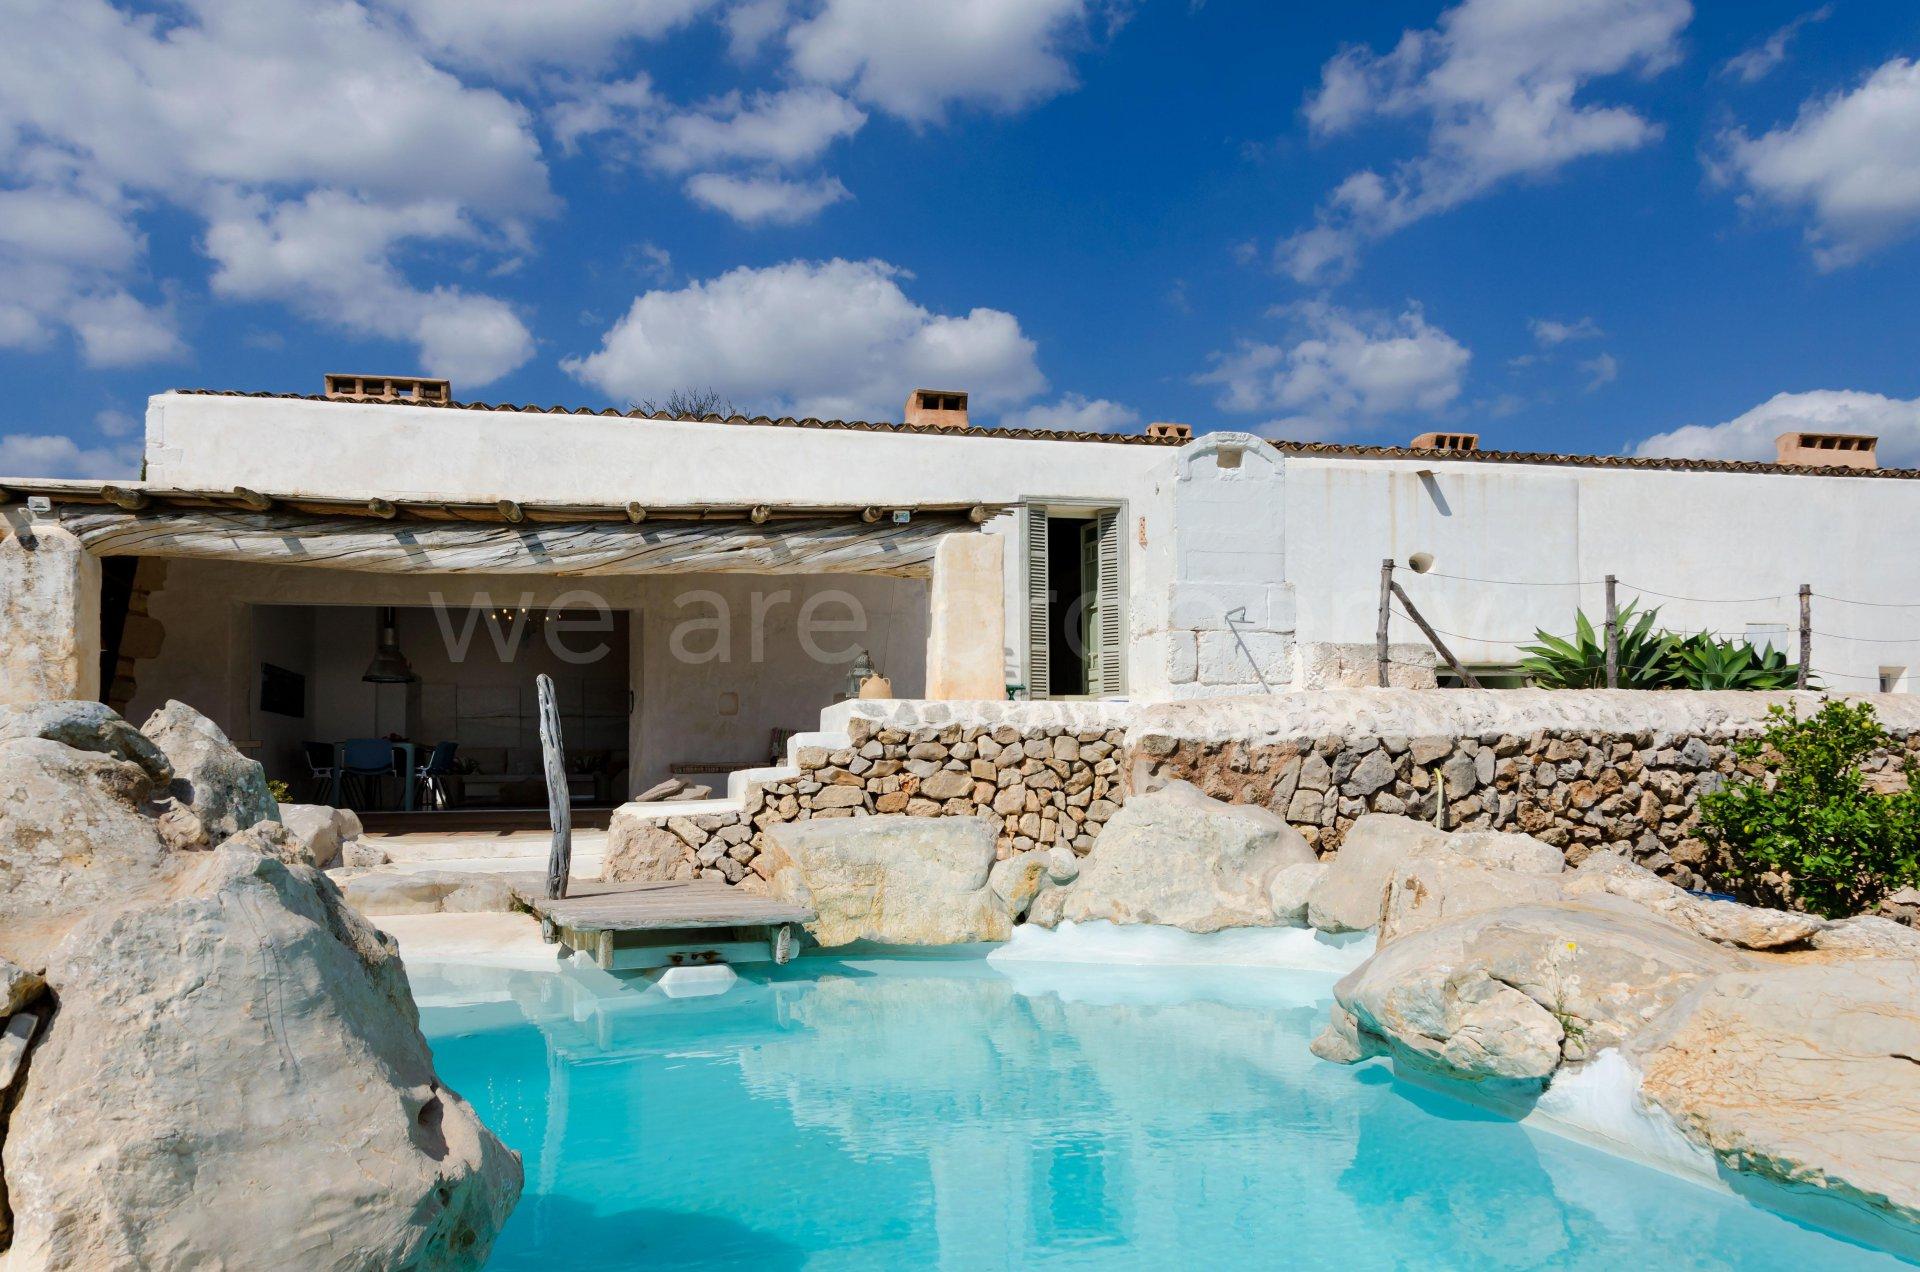 Försäljning Villa - Sant Llorenç des Cardassar - Spanien